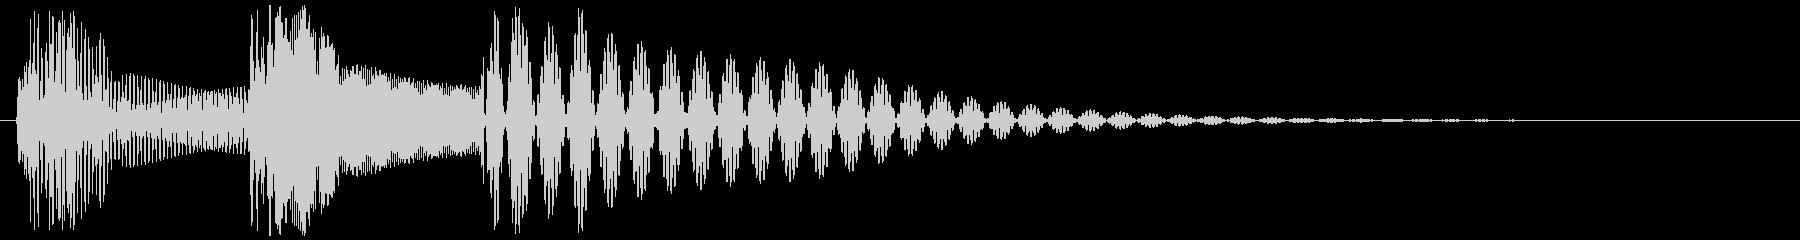 キャンセル_タップ_クリック_20802の未再生の波形